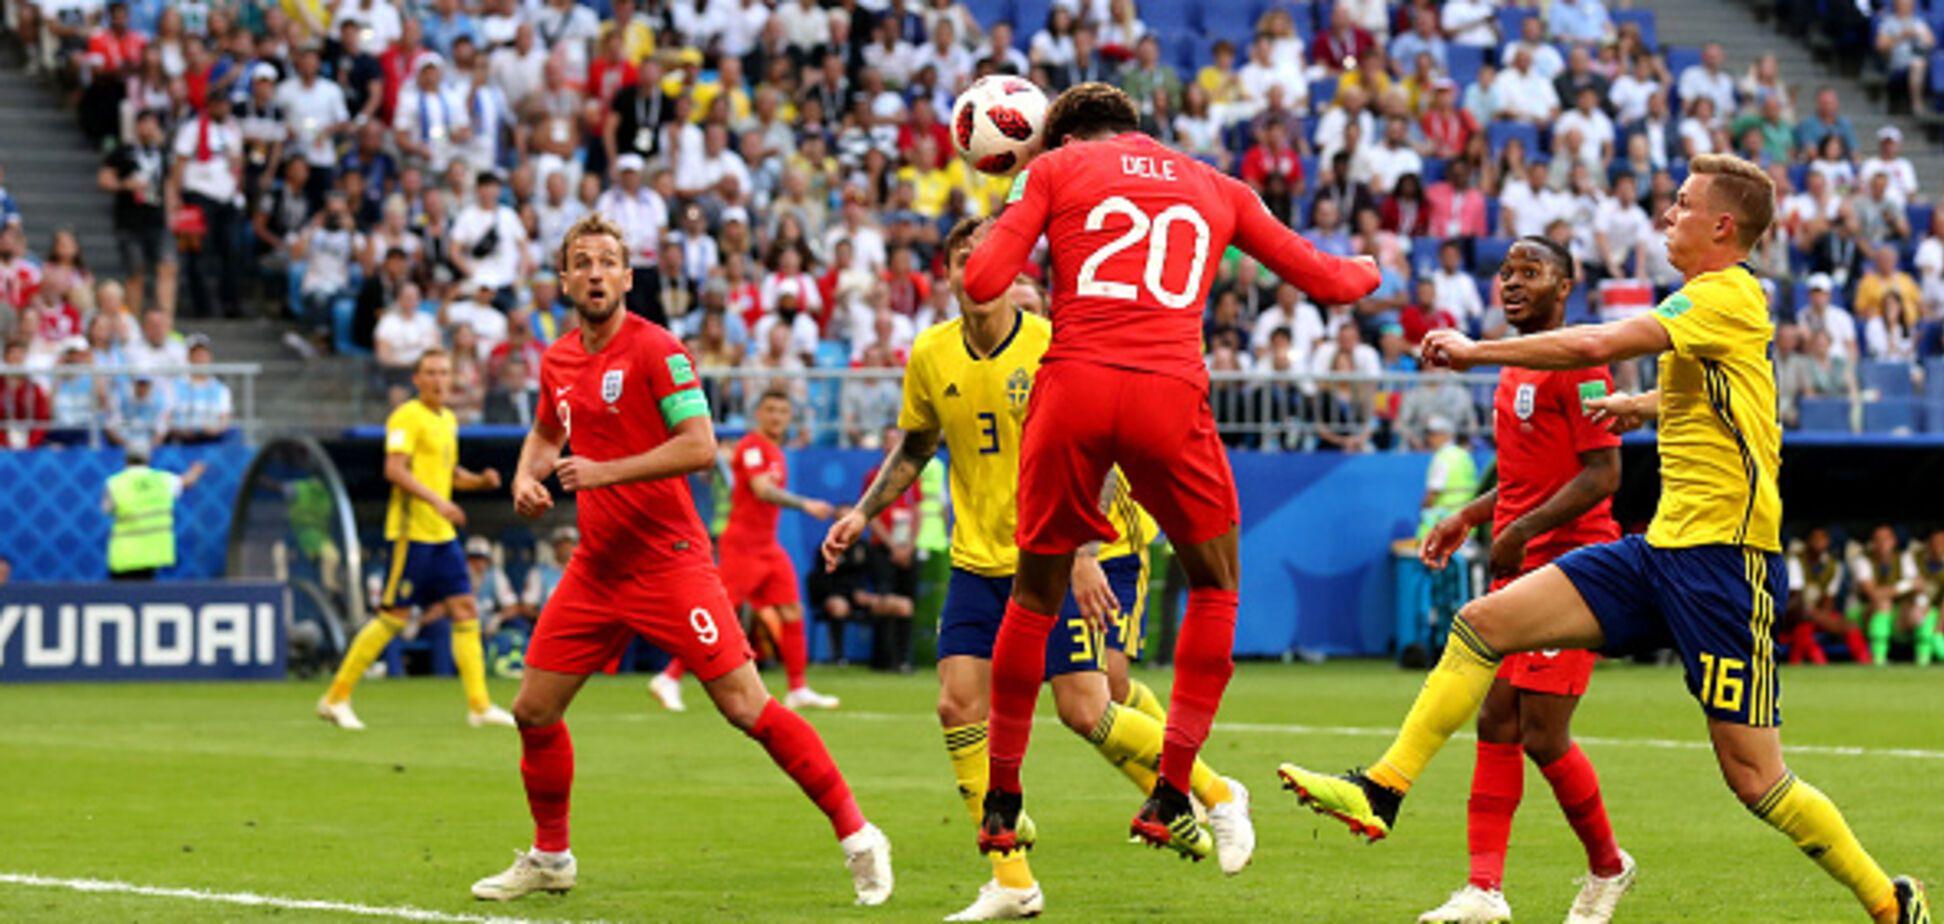 ЧС-2018: Англія в третій раз в історії вийшла в півфінал